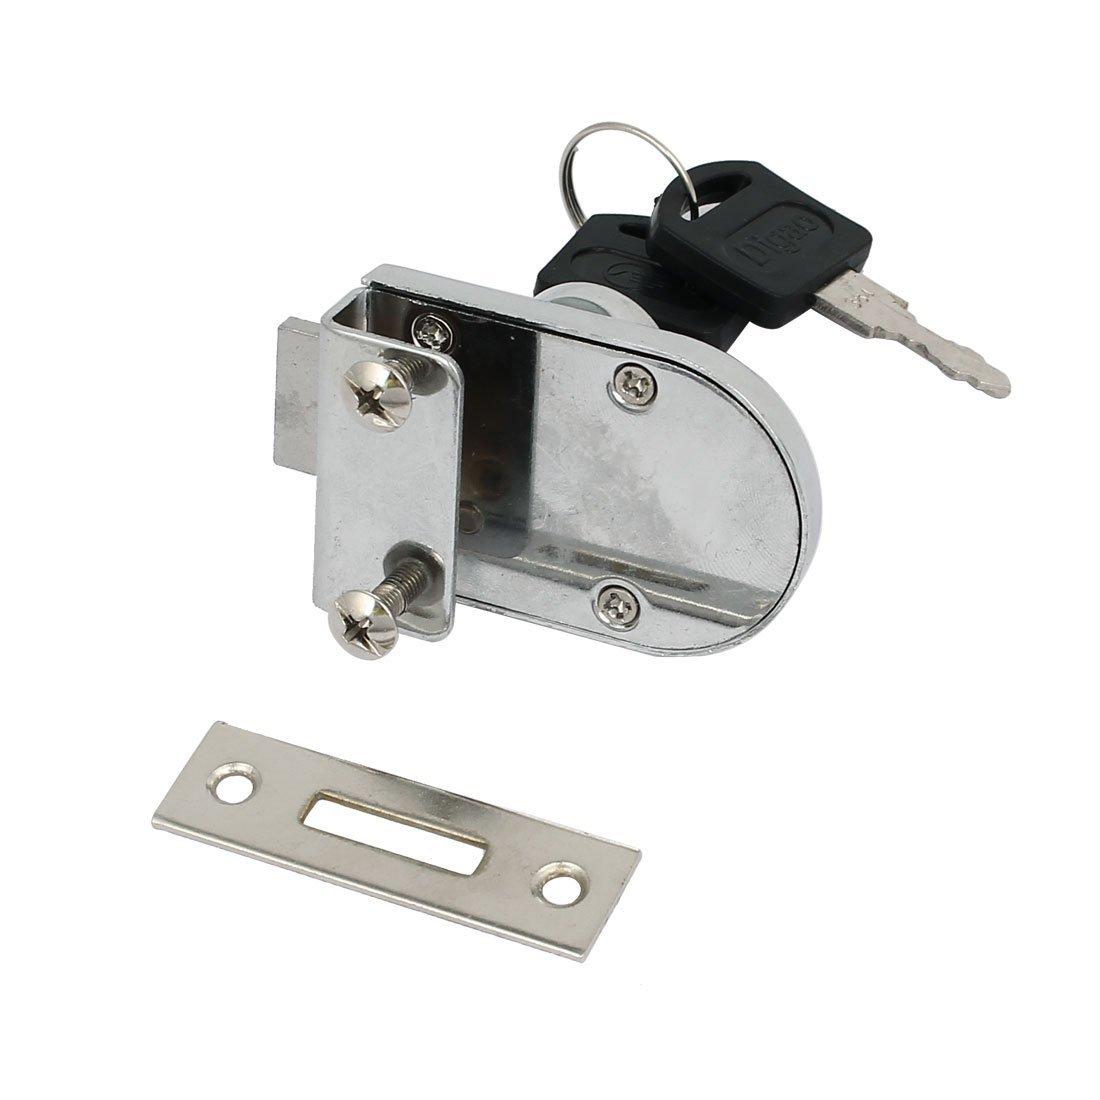 eDealMax puerta de vidrio del escaparate de 10 mm de espesor Tornillo de metal montado en la cerradura de la seguridad w 2 Llaves - - Amazon.com